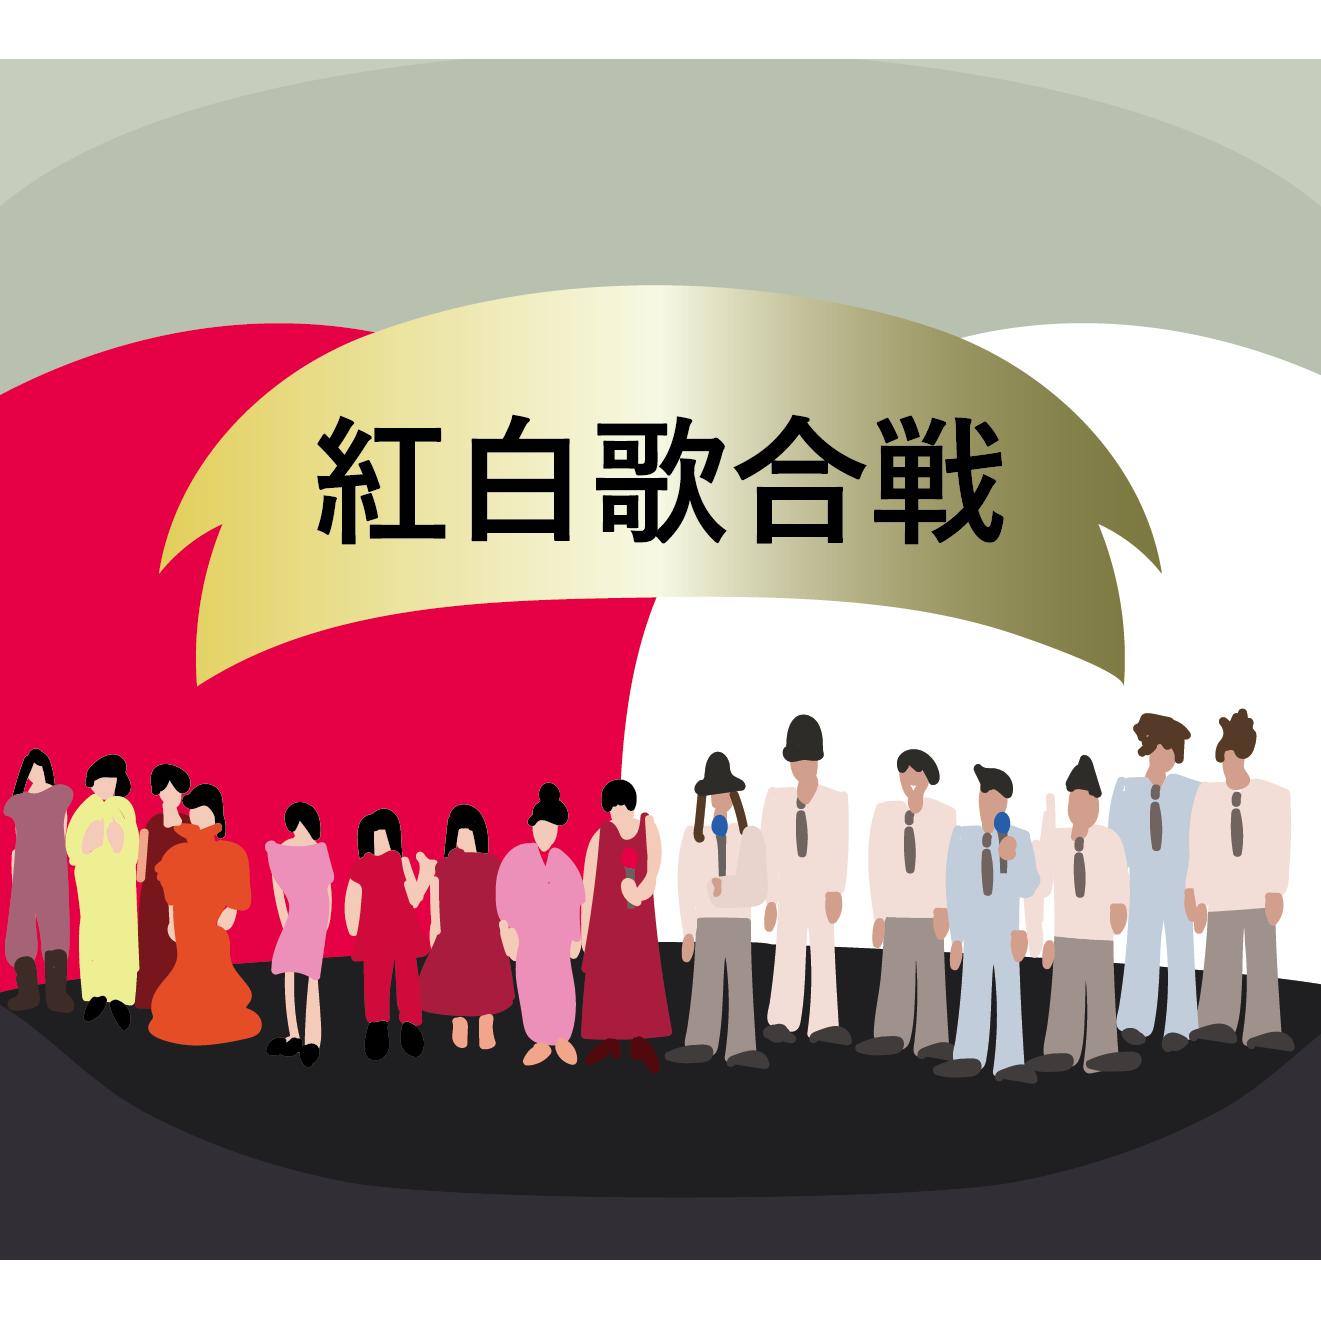 紅白歌合戦のイラスト【大晦日・新年・正月】